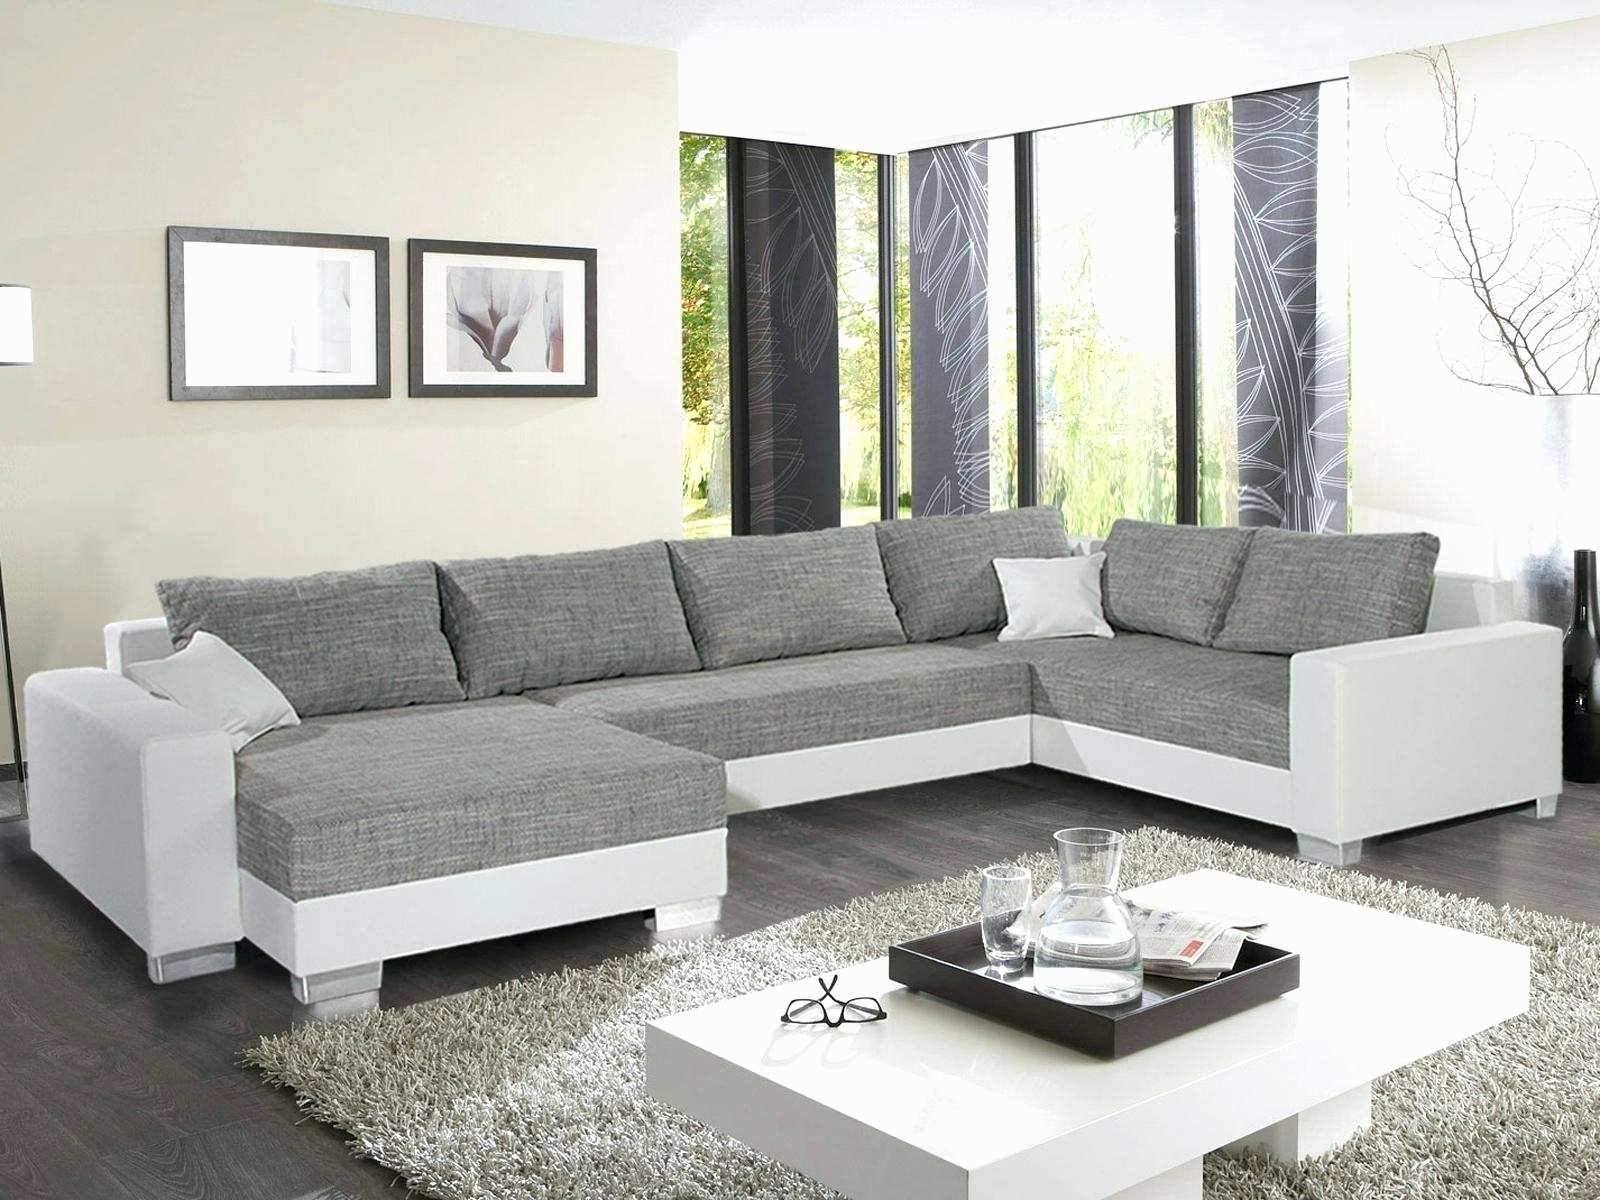 poco wohnzimmer inspirierend poco wohnzimmer design was solltest du tun of poco wohnzimmer